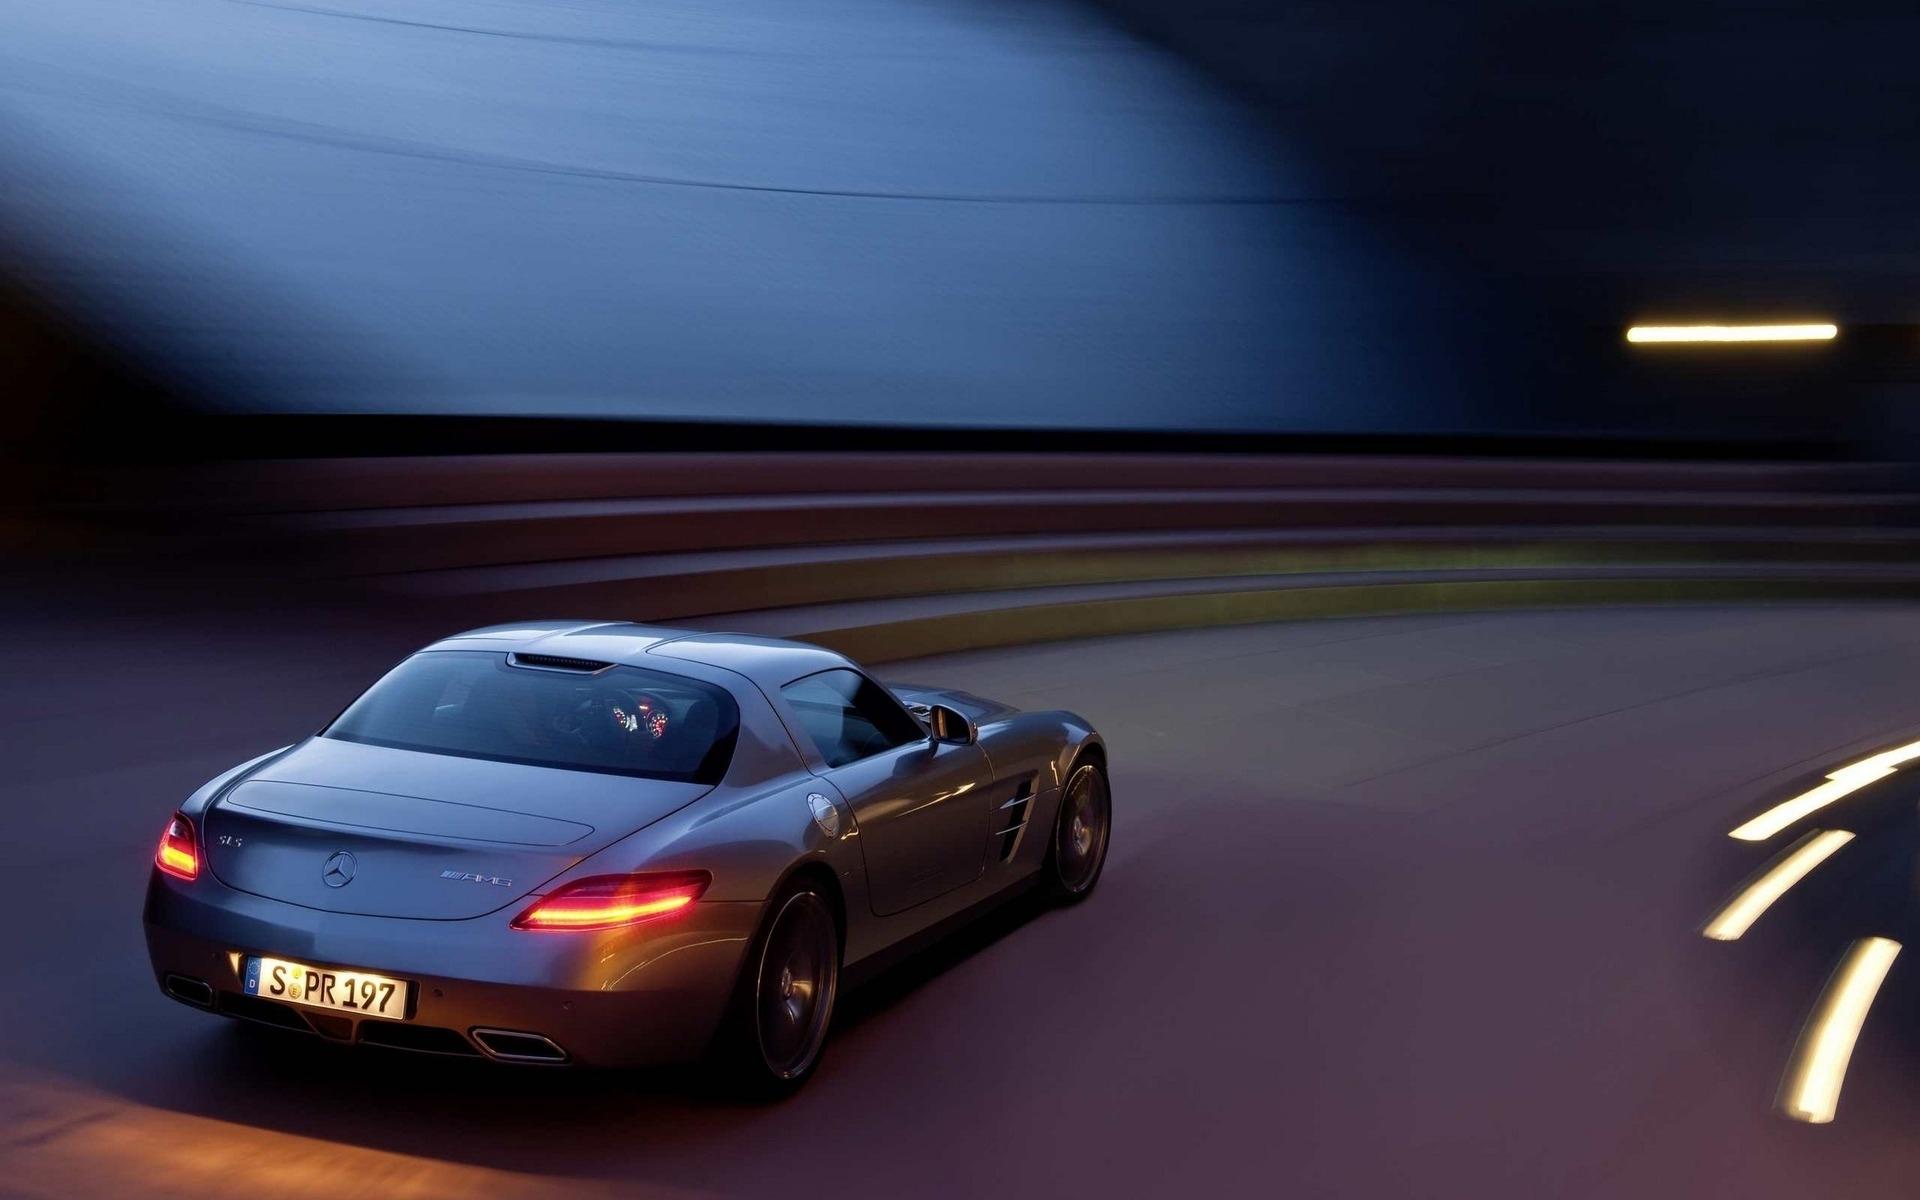 47210 скачать обои Транспорт, Машины, Мерседес (Mercedes) - заставки и картинки бесплатно